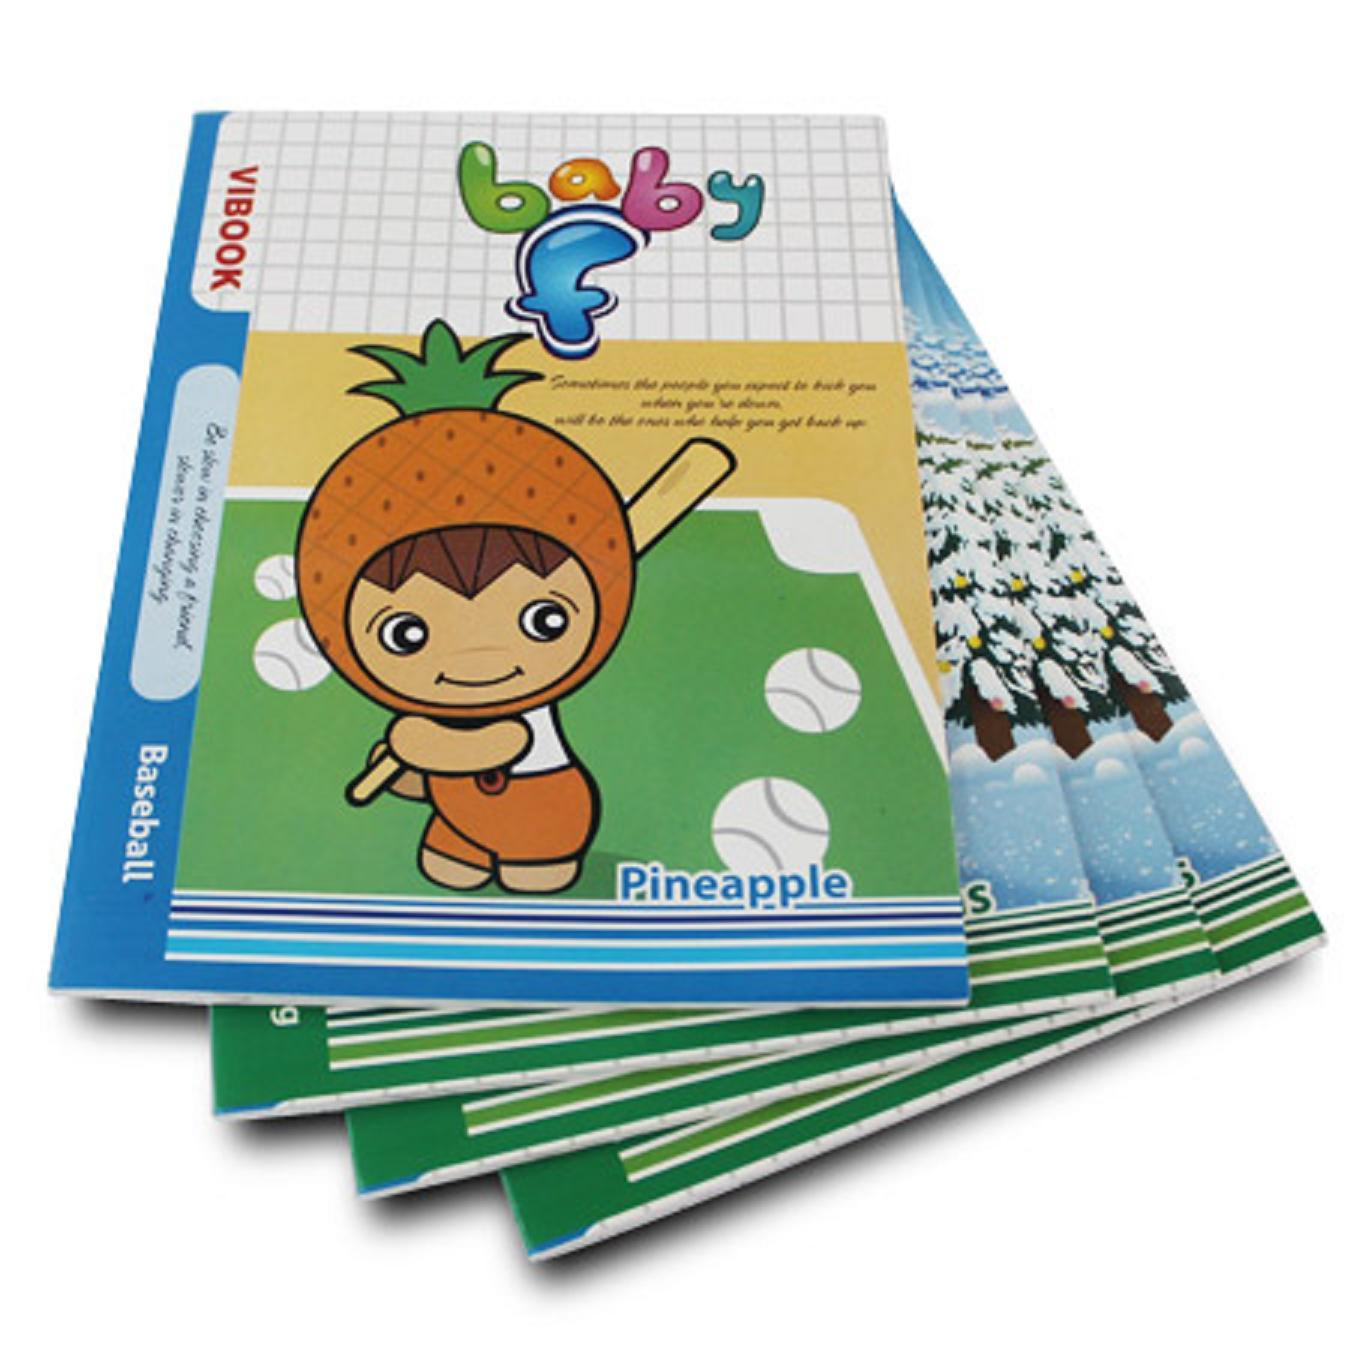 Tập 200 trang làng hưong